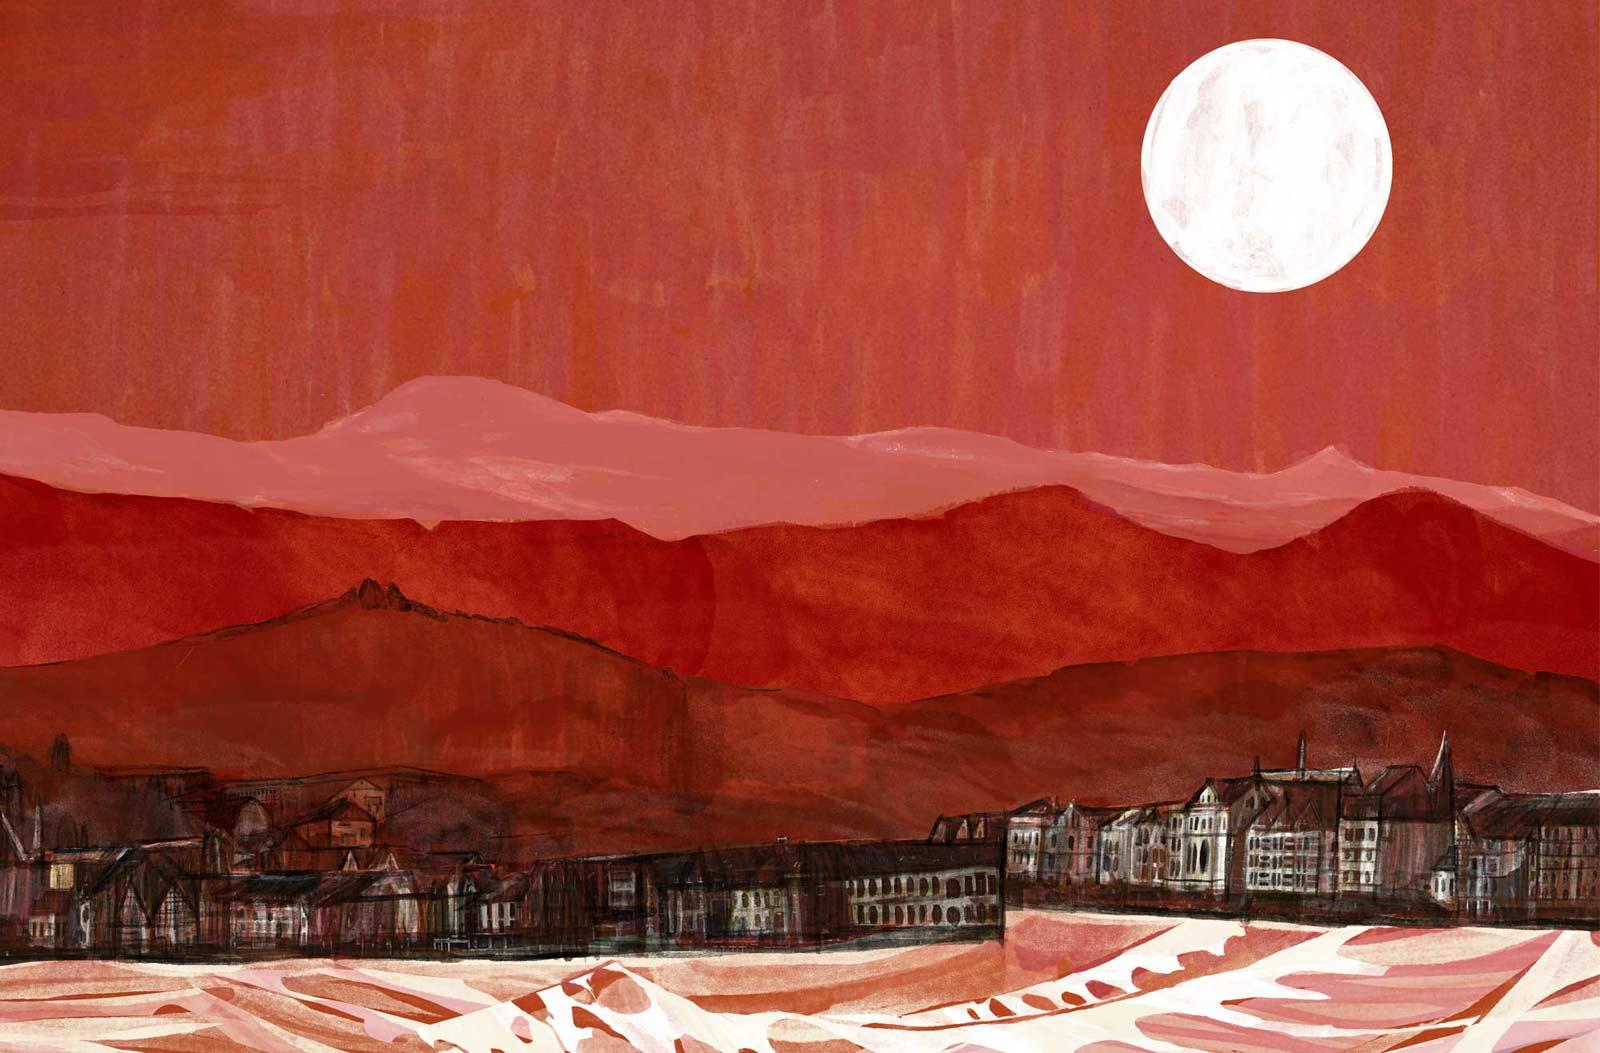 Mario Jodra illustration - Wahlheim (based on Garbenheim, near Wetzlar). Landscape detail II